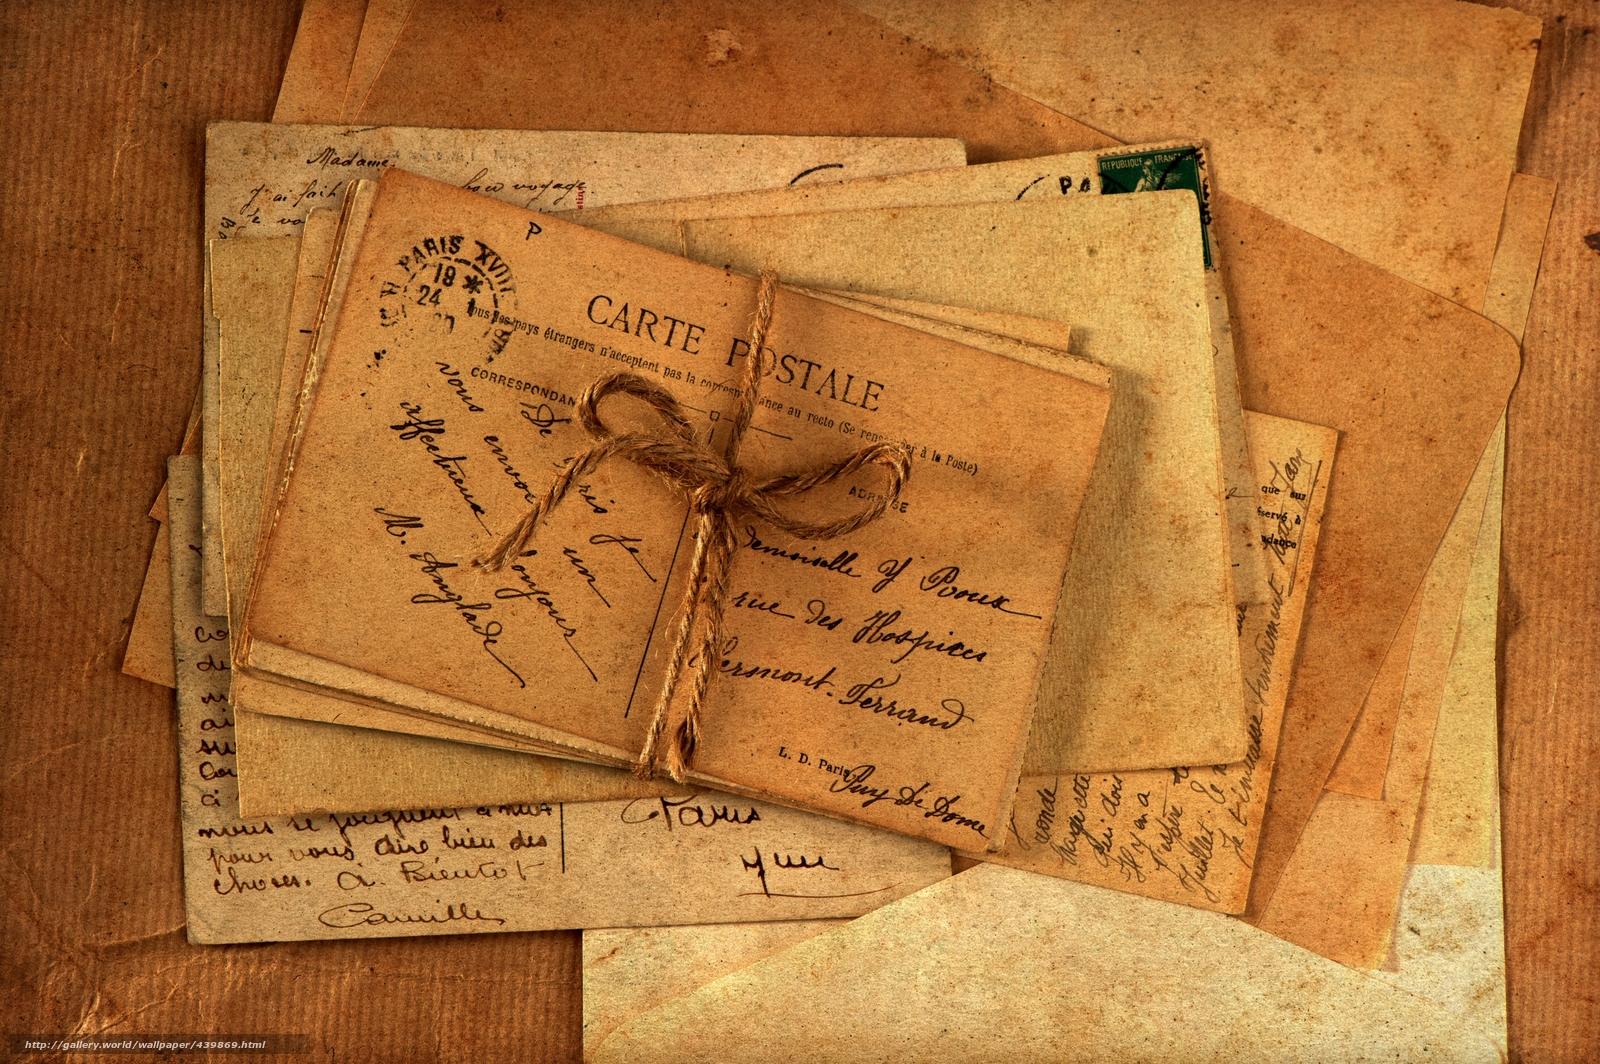 винтаж, письма, открытки, бумаги, старые, конверты, фото, обои, картинка #439869 - www.GdeFon.ru